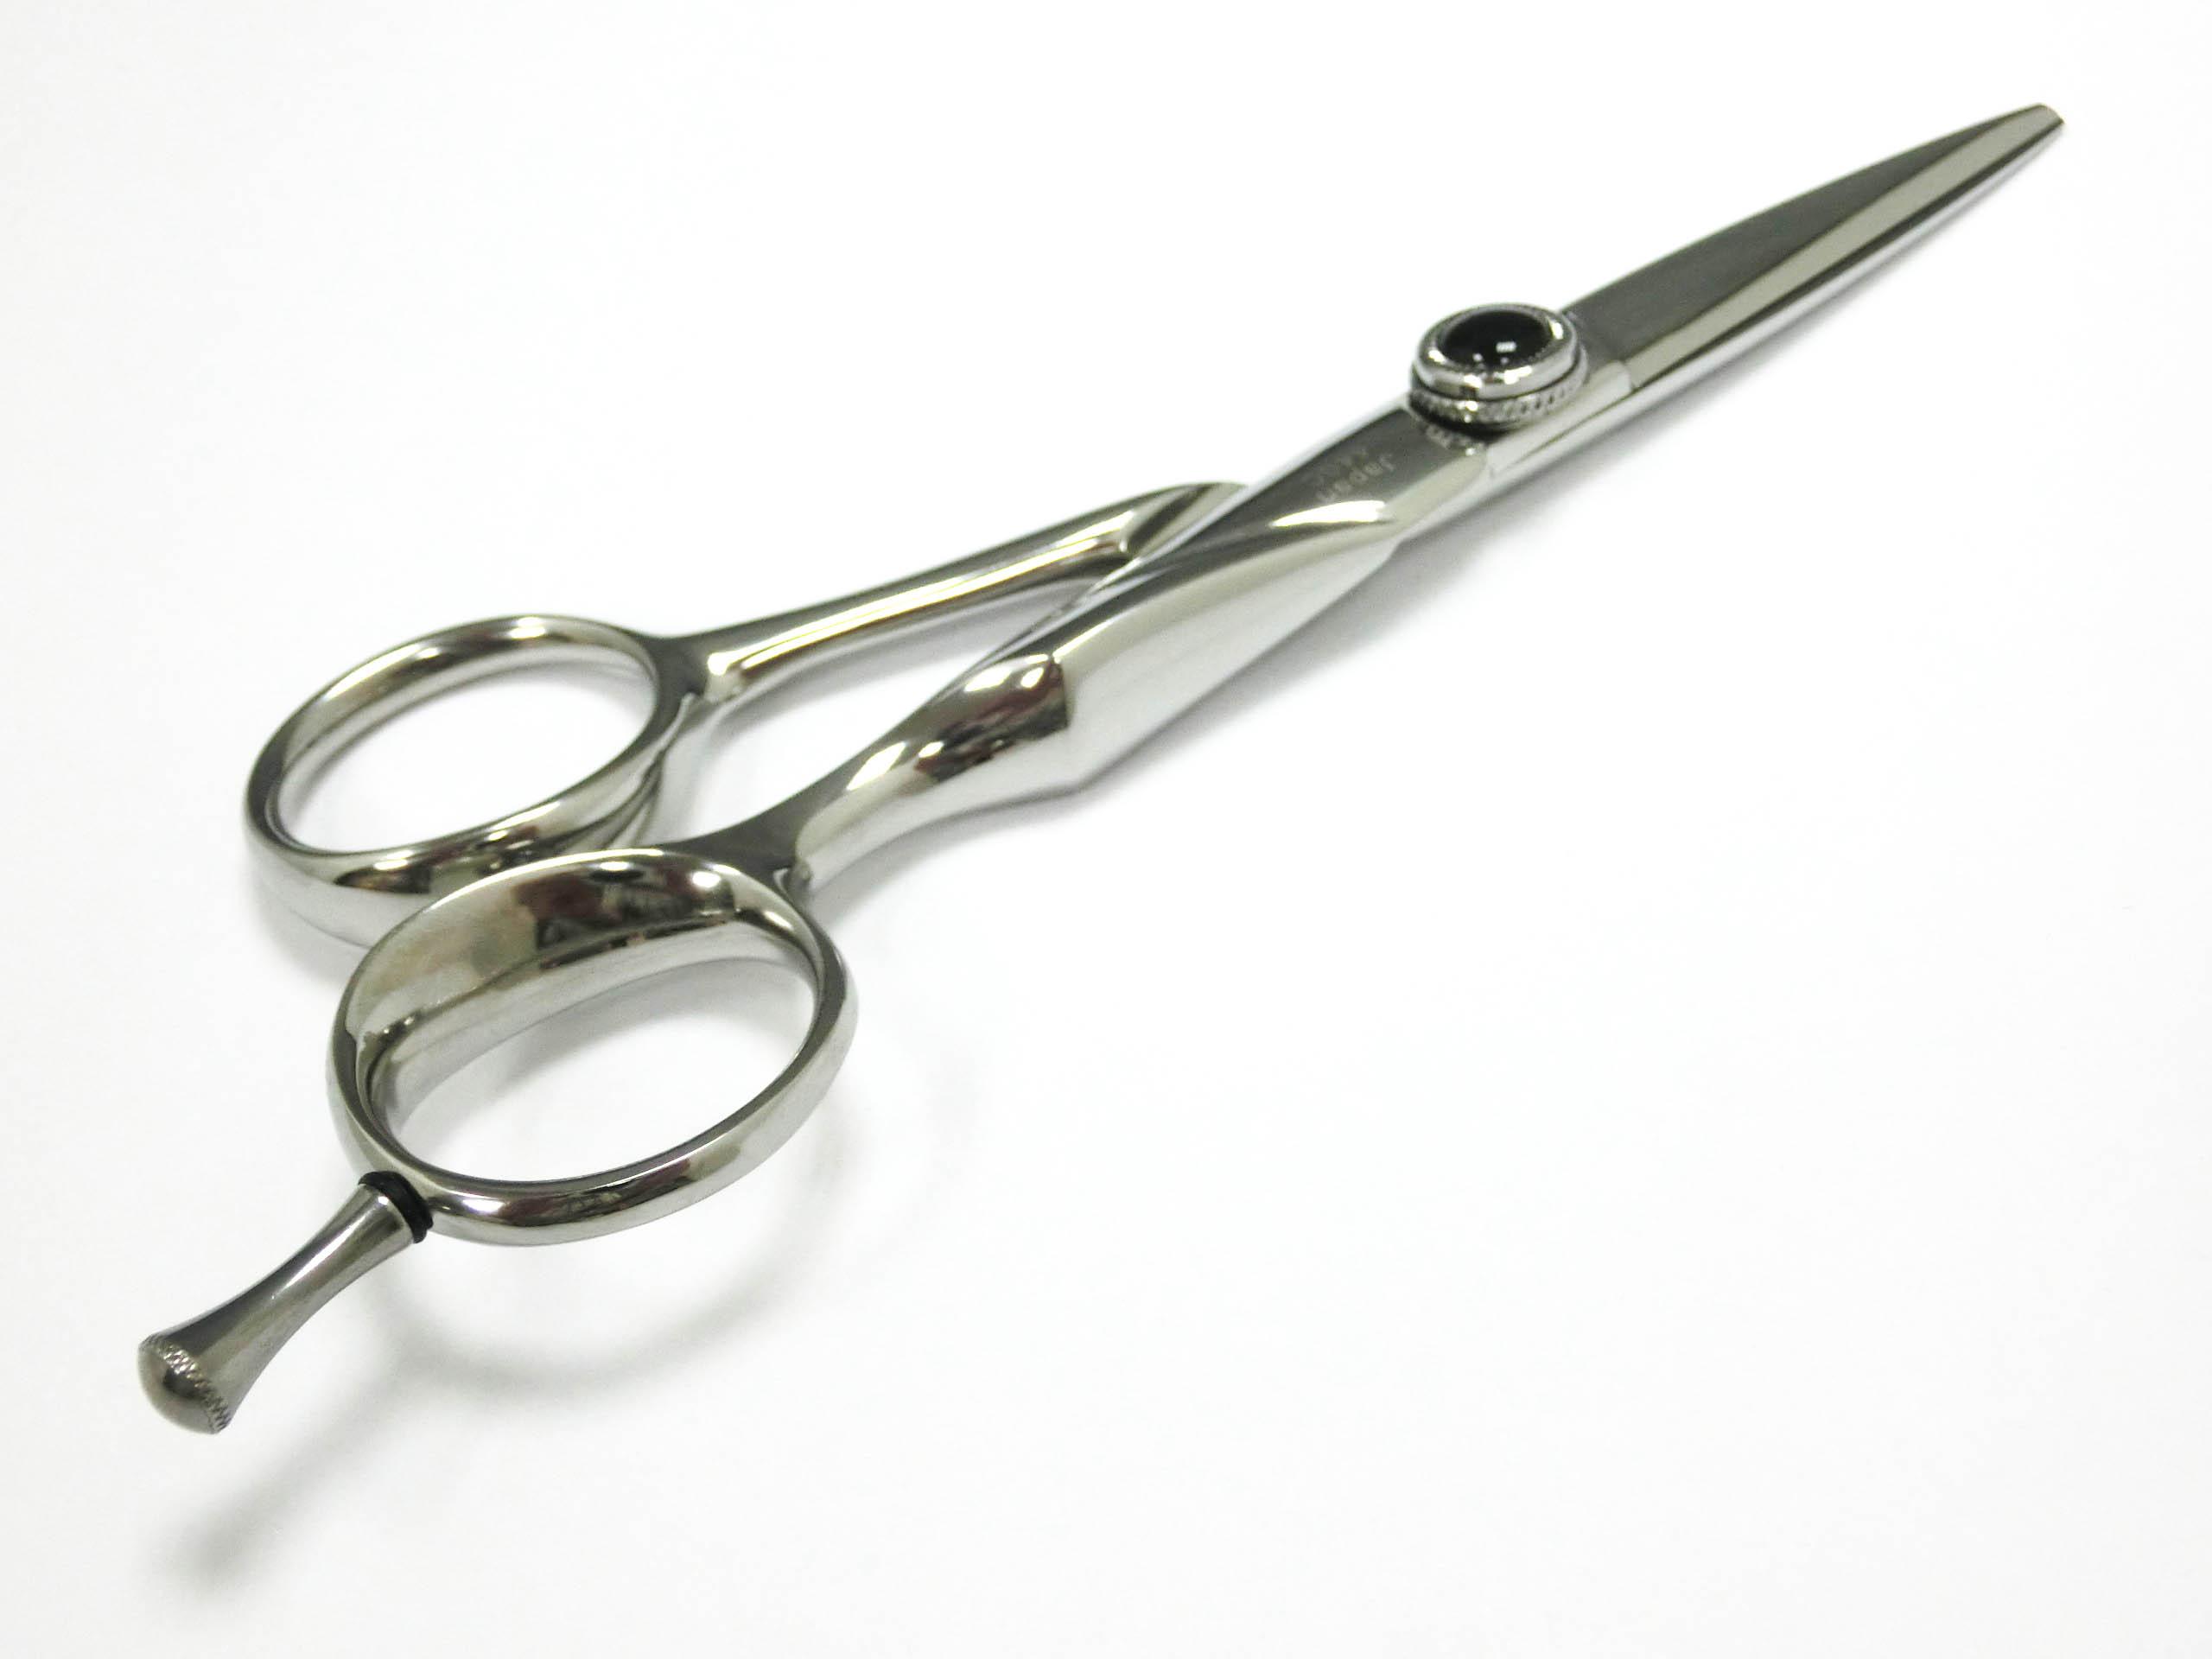 55BM hairdresser scissors